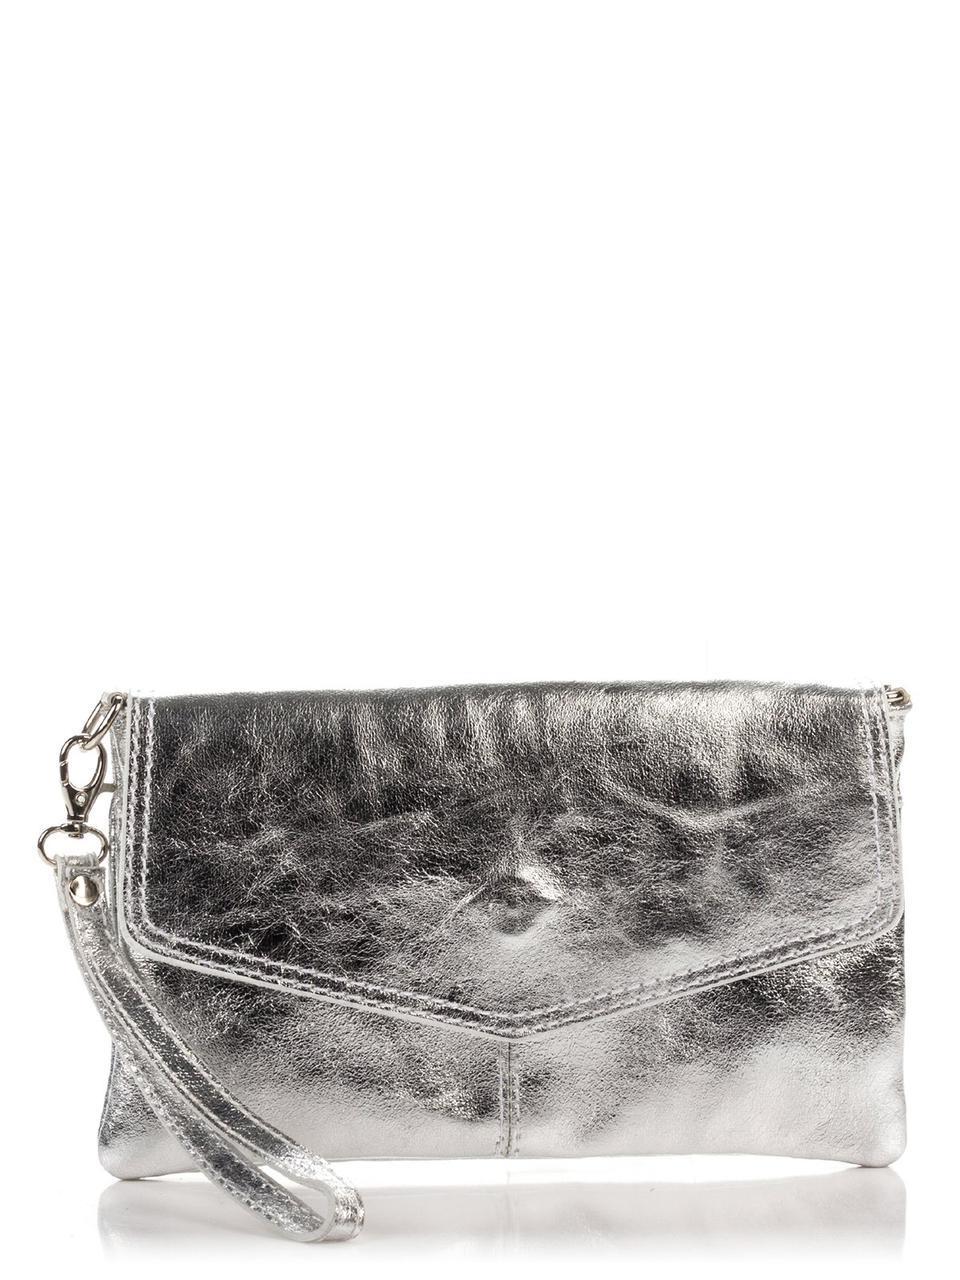 Итальянская сумка DIANA Diva's Bag цвет серебряный